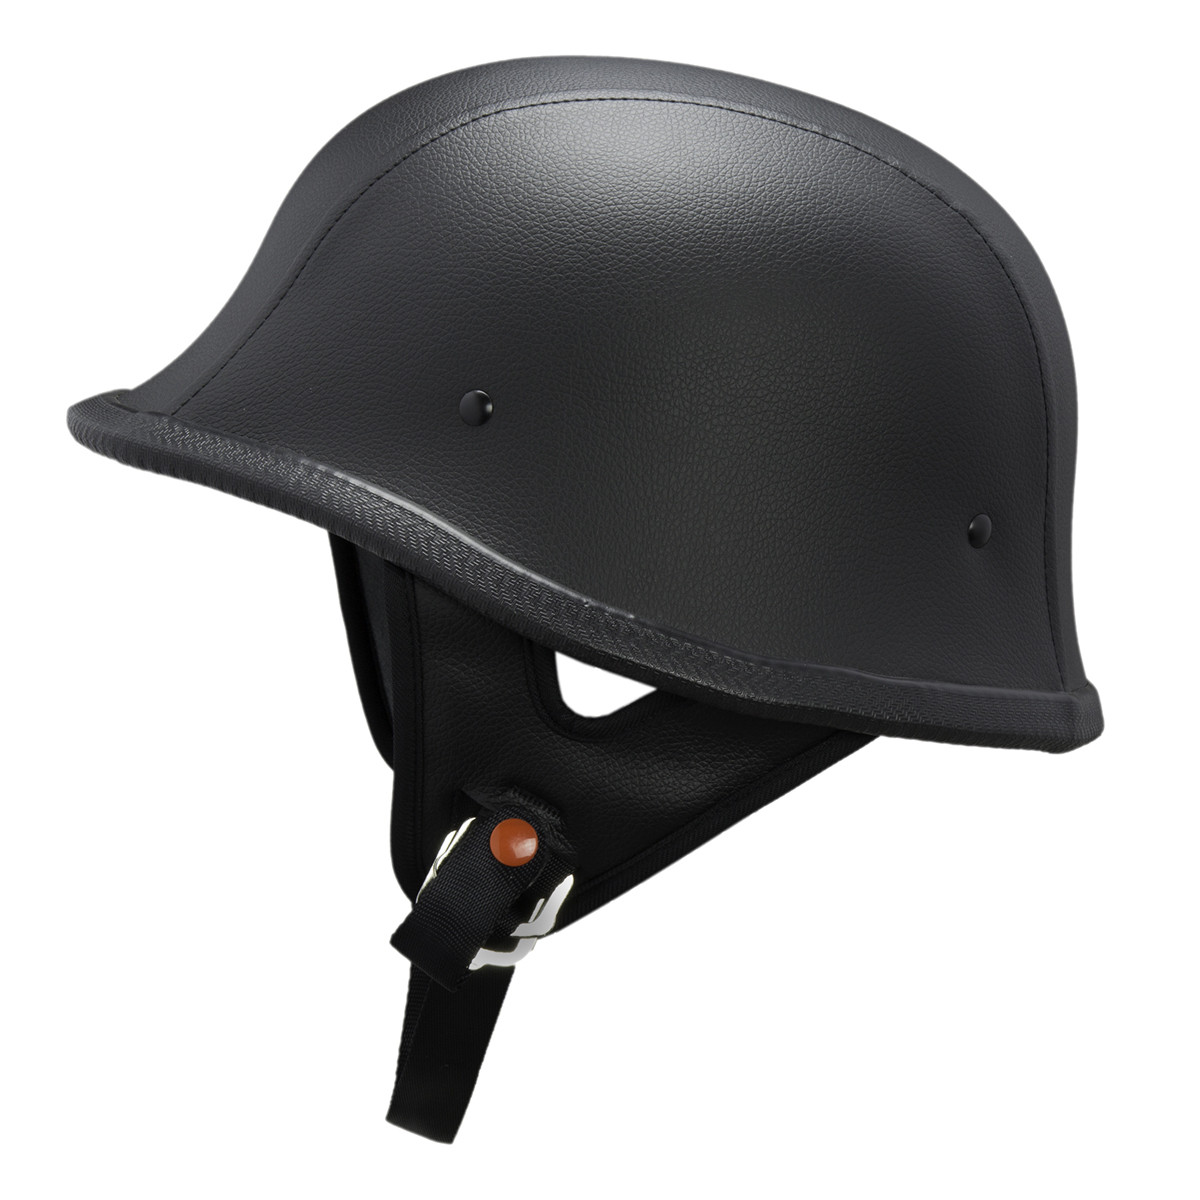 Lunatic L2011 German Style Motorcycle Helmet Motorcycle